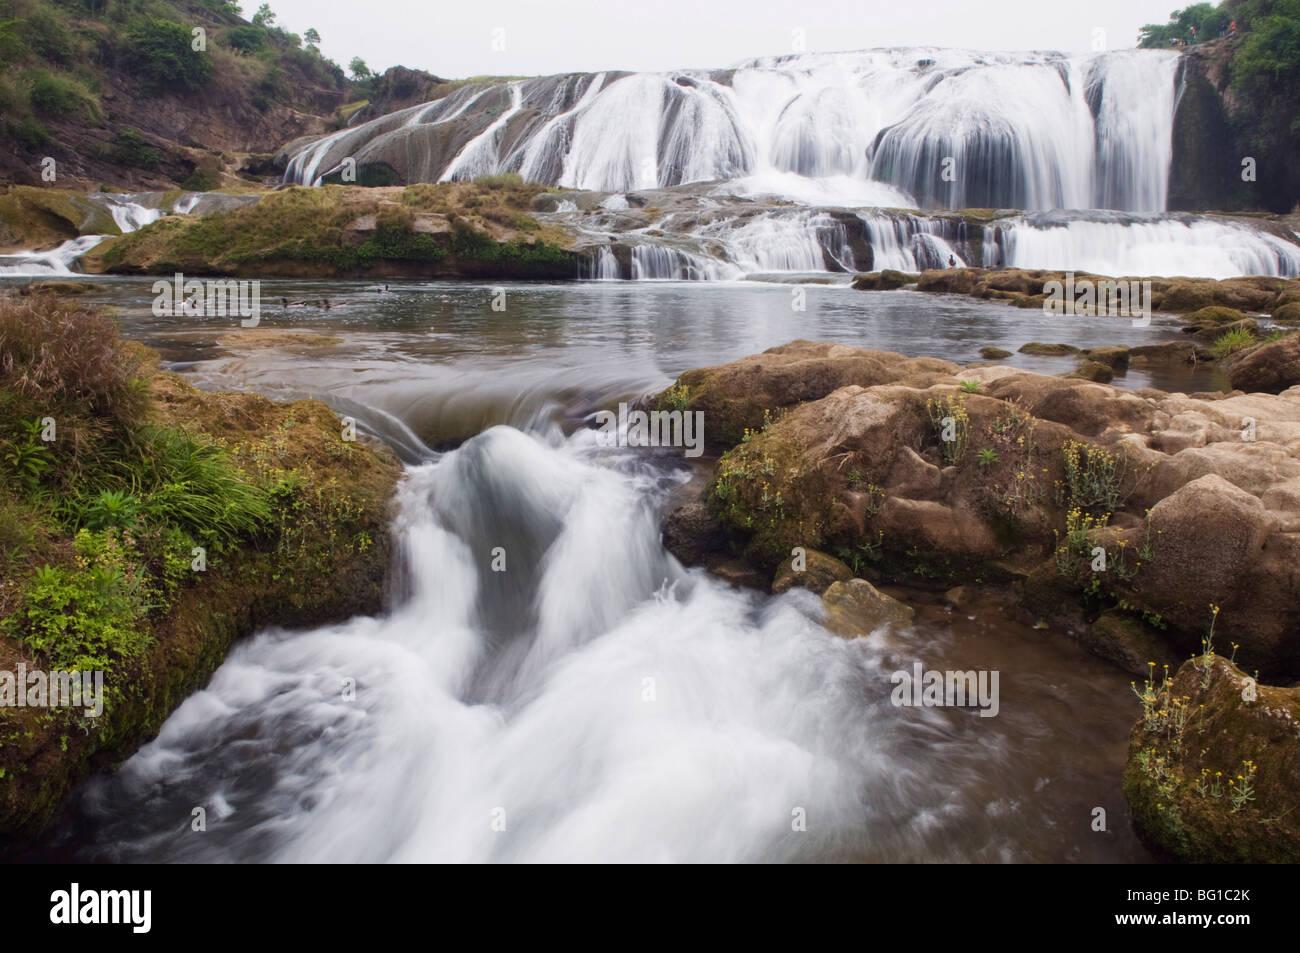 A cascade at Huangguoshu Falls, Guizhou Province, China, Asia Stock Photo